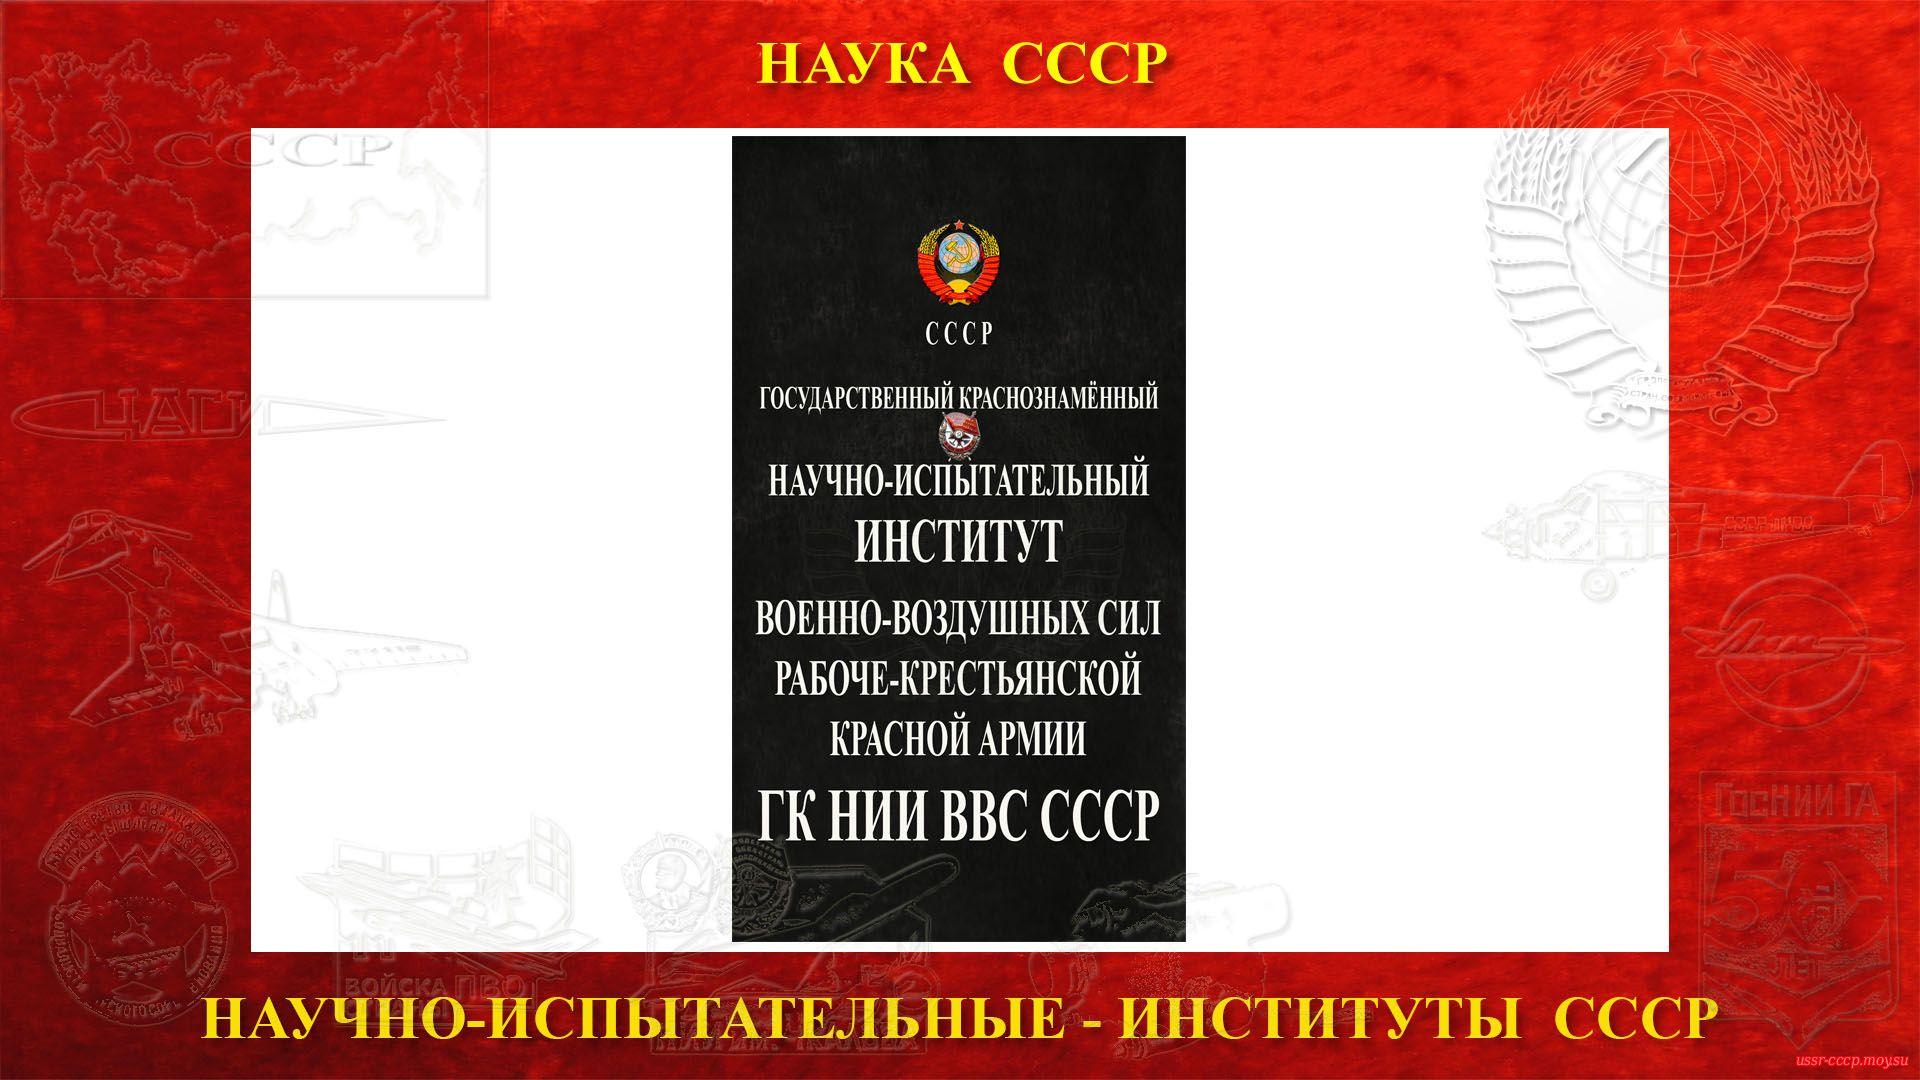 ГК НИИ ВВС СССР — ГосударственныйНаучно-испытательный институт Военно-воздушных силСоюза Советских Социалистических Республик (полное повествование)